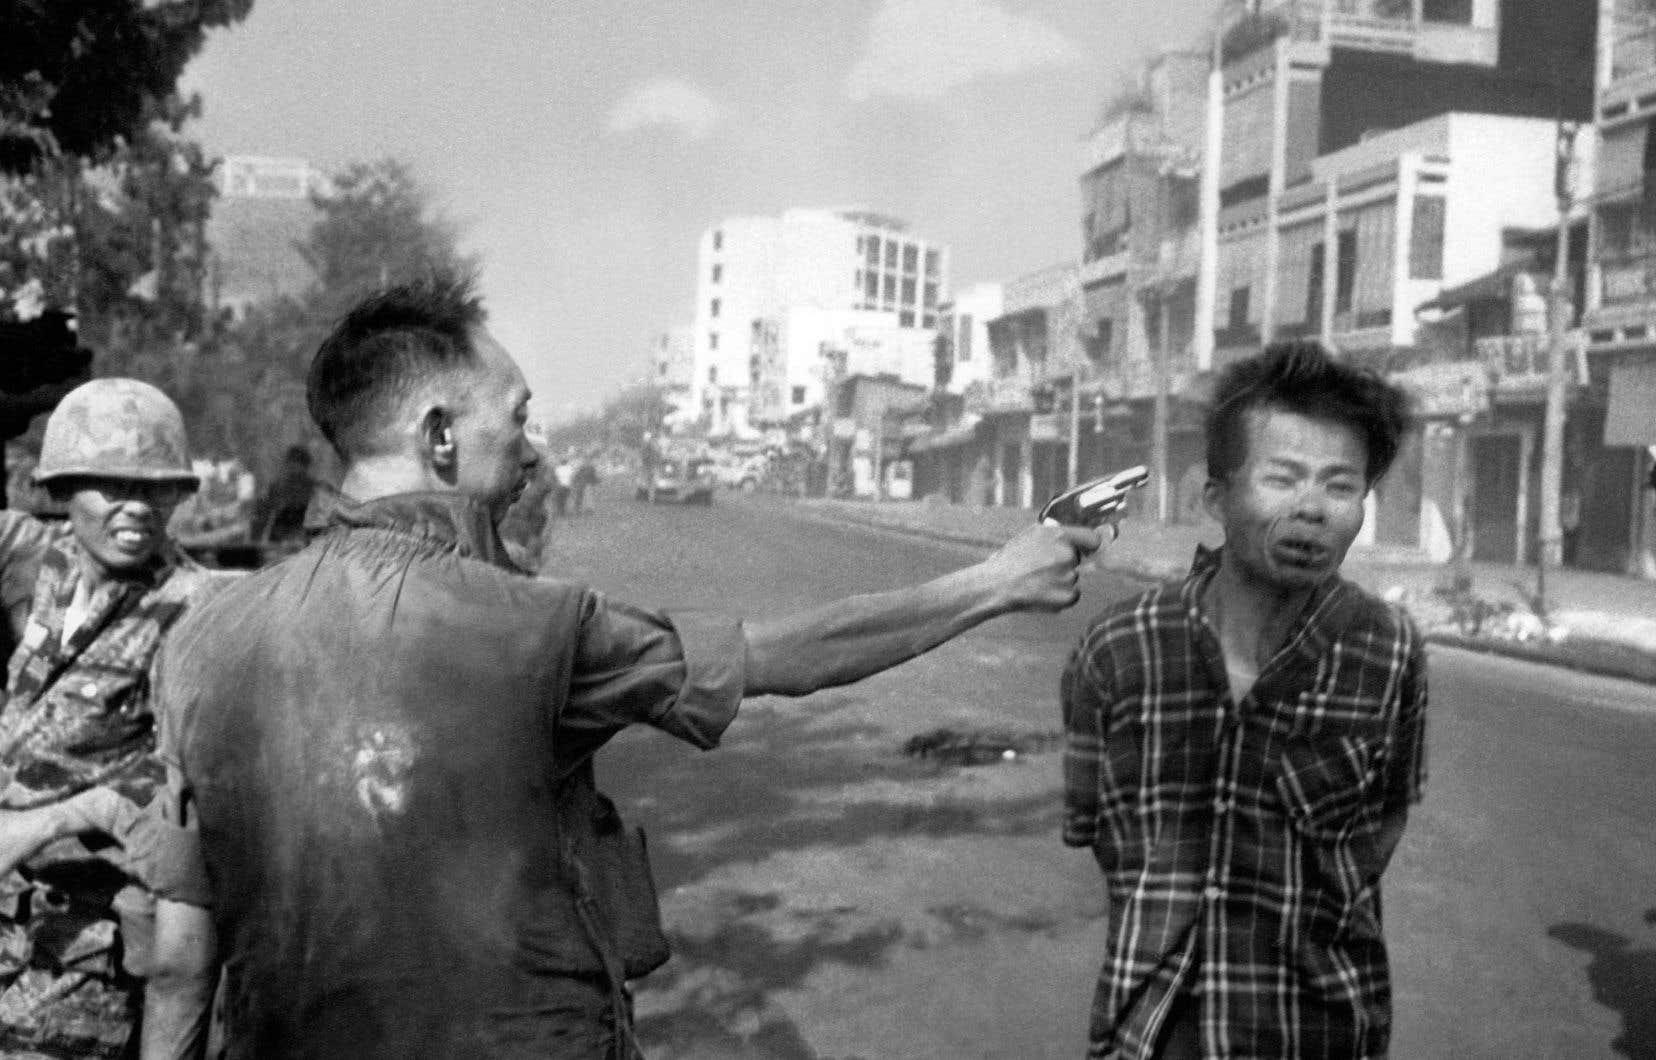 Le 1erfévrier 1968, un photographe d'Associated Press, Eddie Adams, a saisi la brutalité de la guerre du Vietnam, grâce à un cliché.